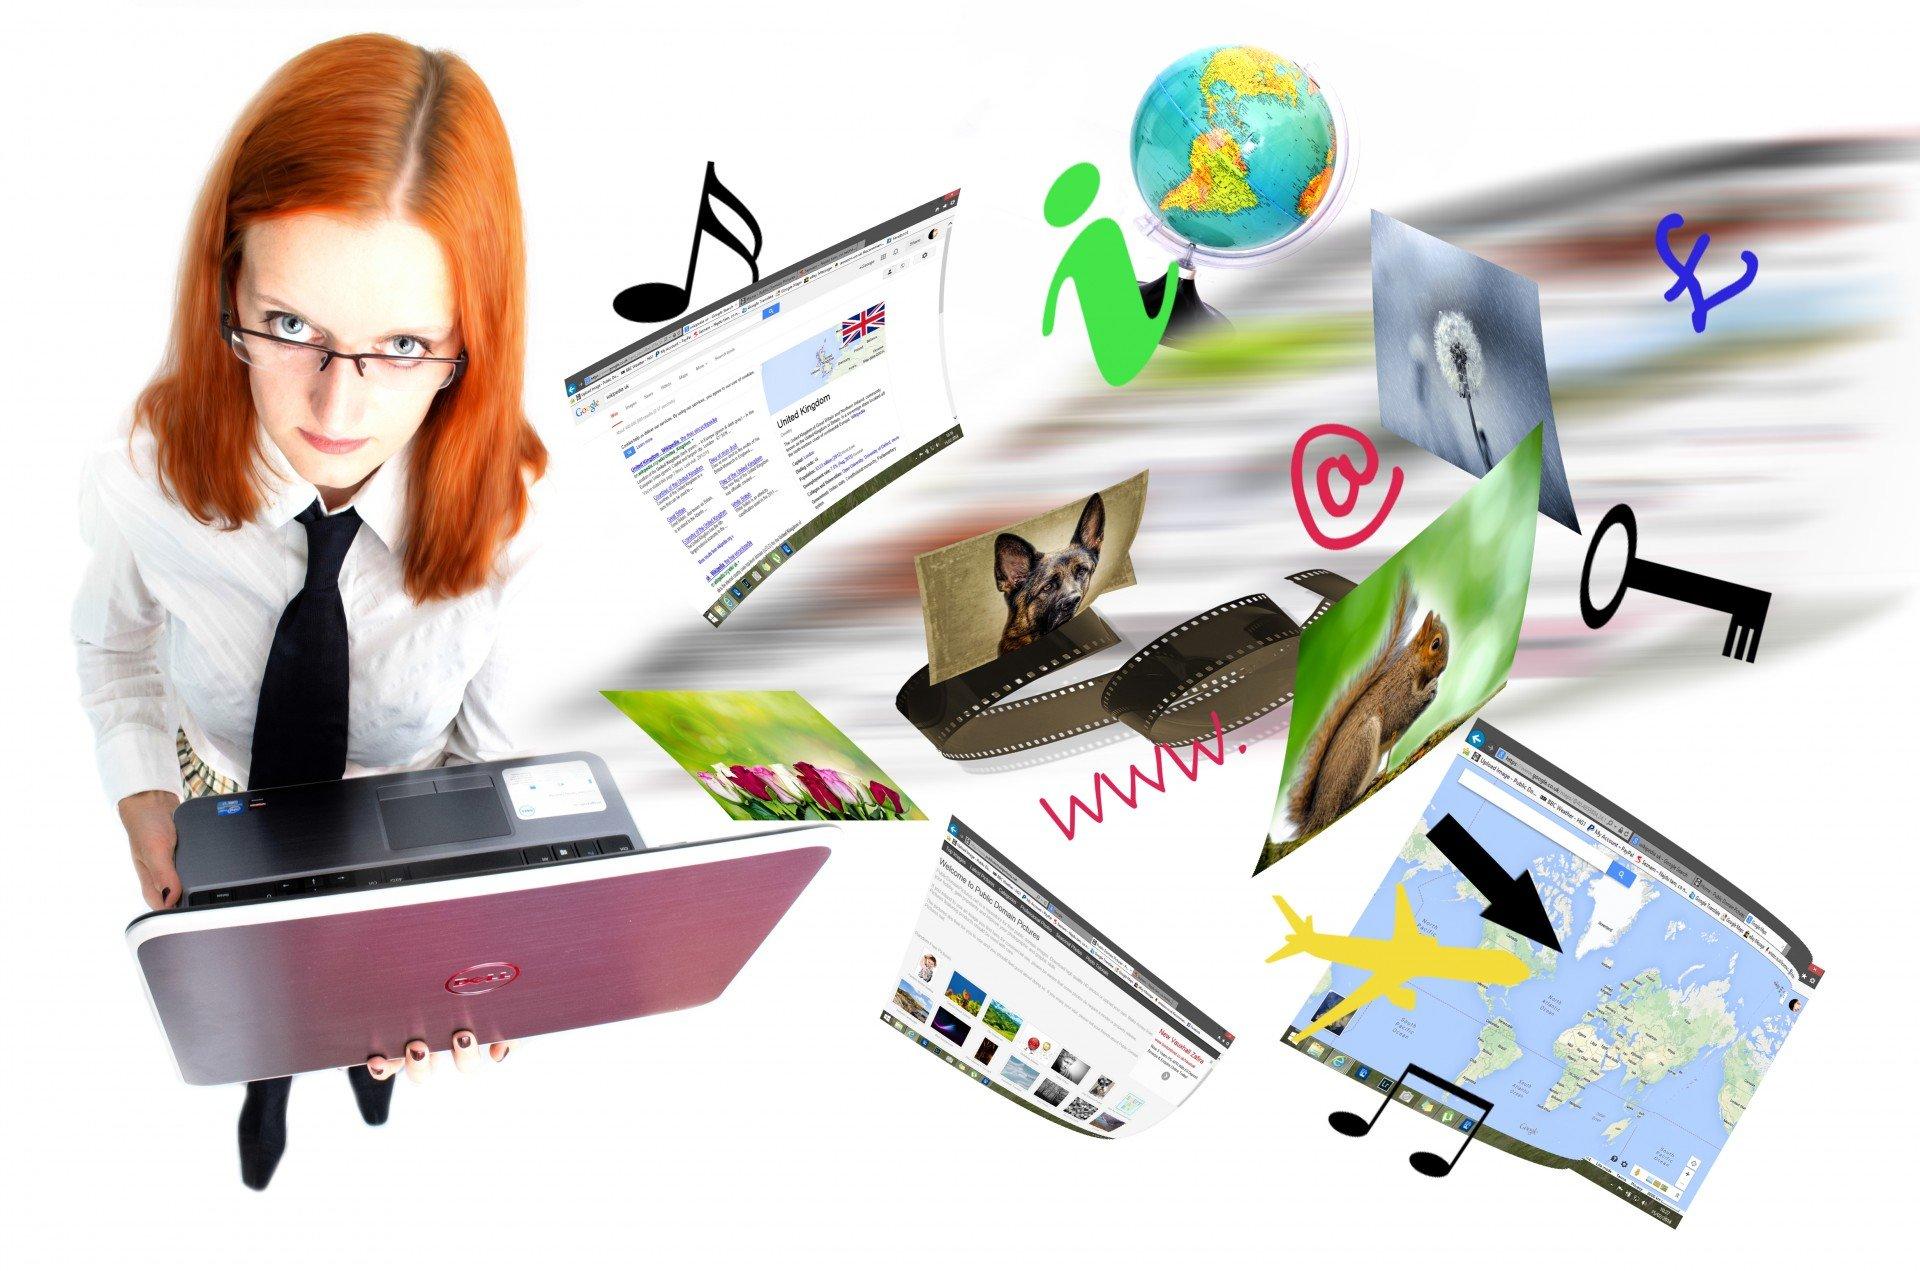 internet and multimedia sharing.jpg?resize=412,232 - Accro aux réseaux sociaux et privée de téléphone, une ado tweet depuis son frigo connecté